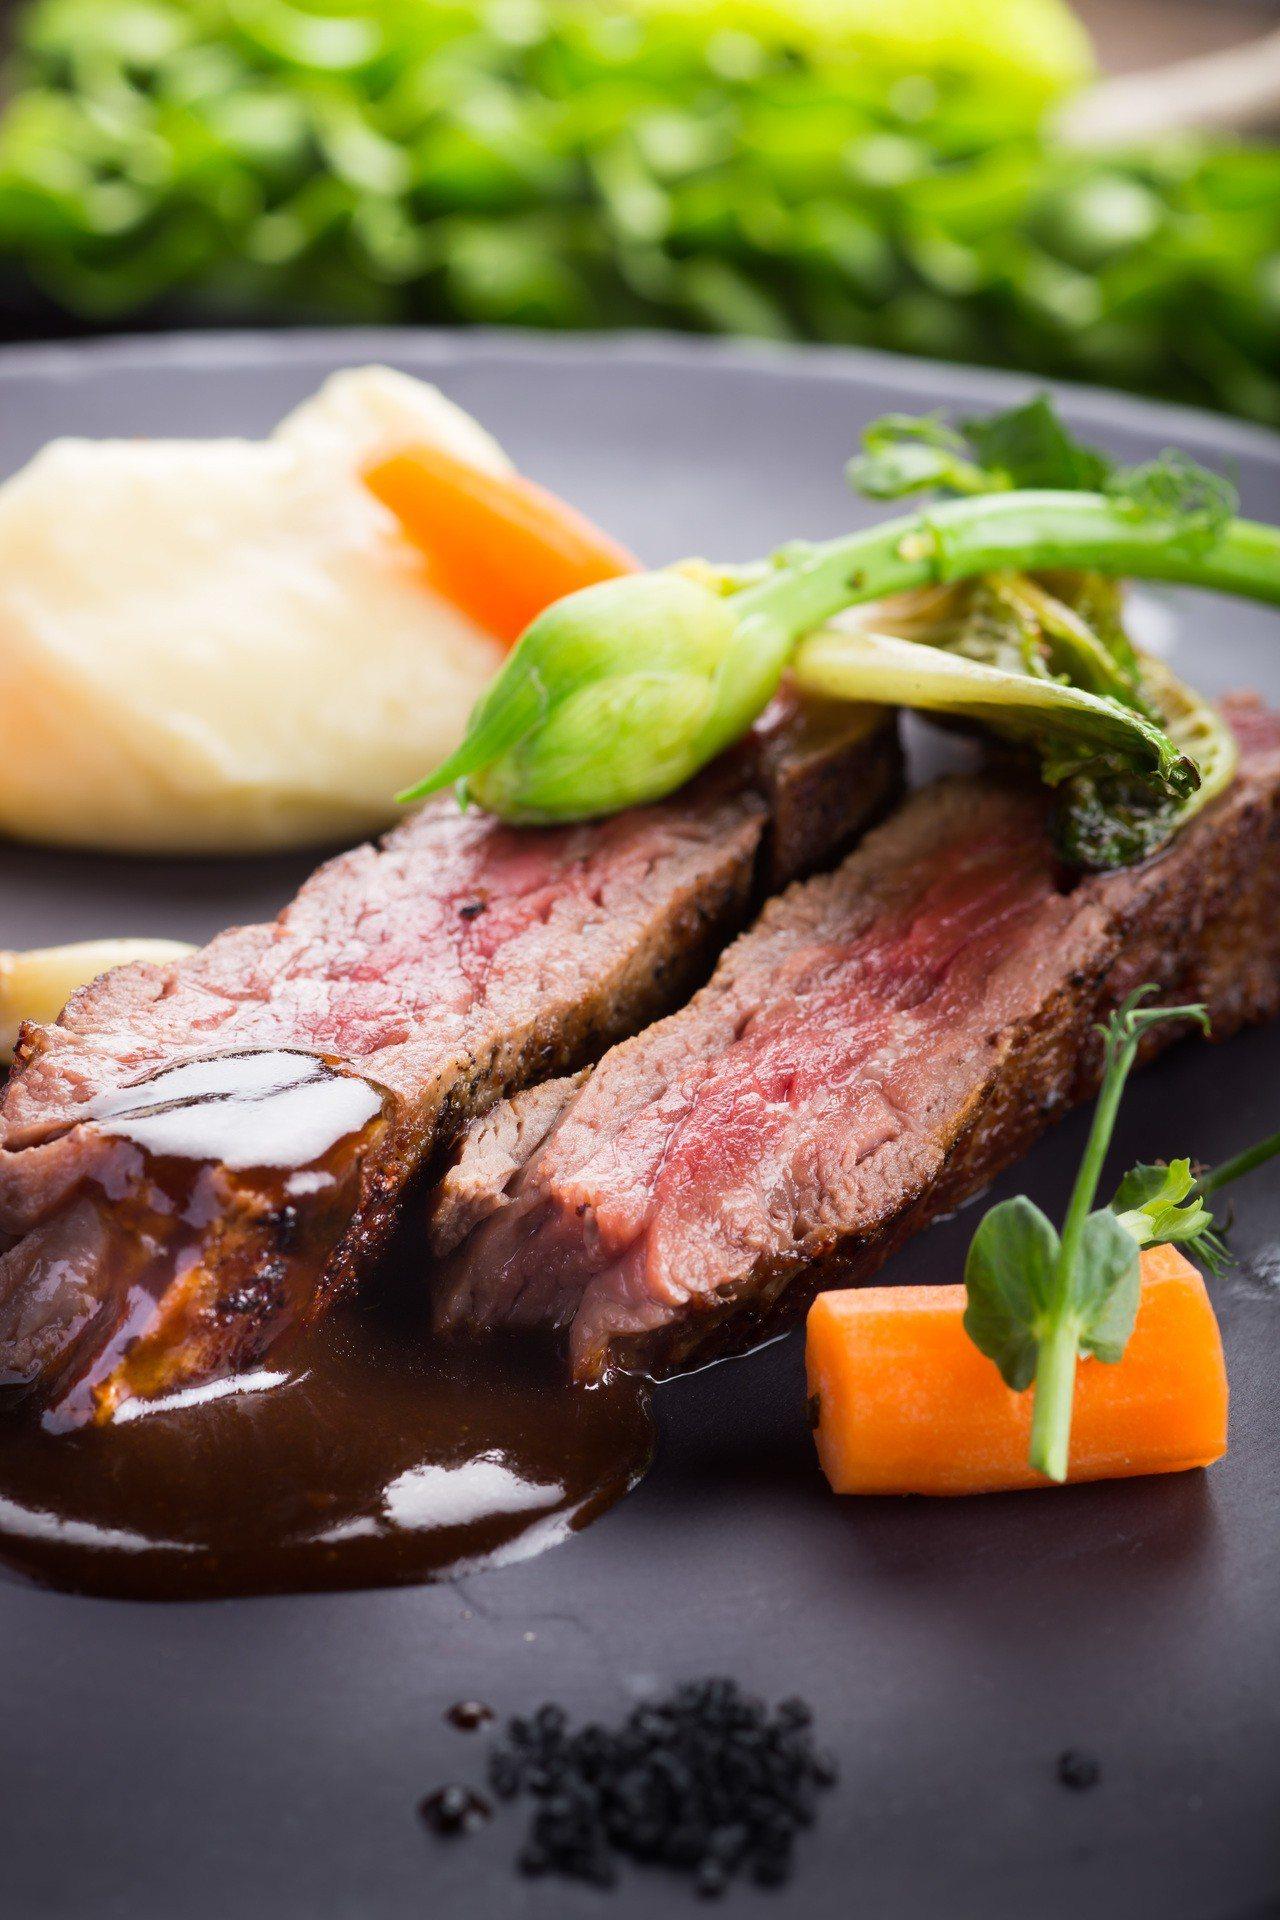 晶華酒店千元有找的azie美國爐烤牛排雙人券,是高CP值的選擇。圖/晶華酒店提供